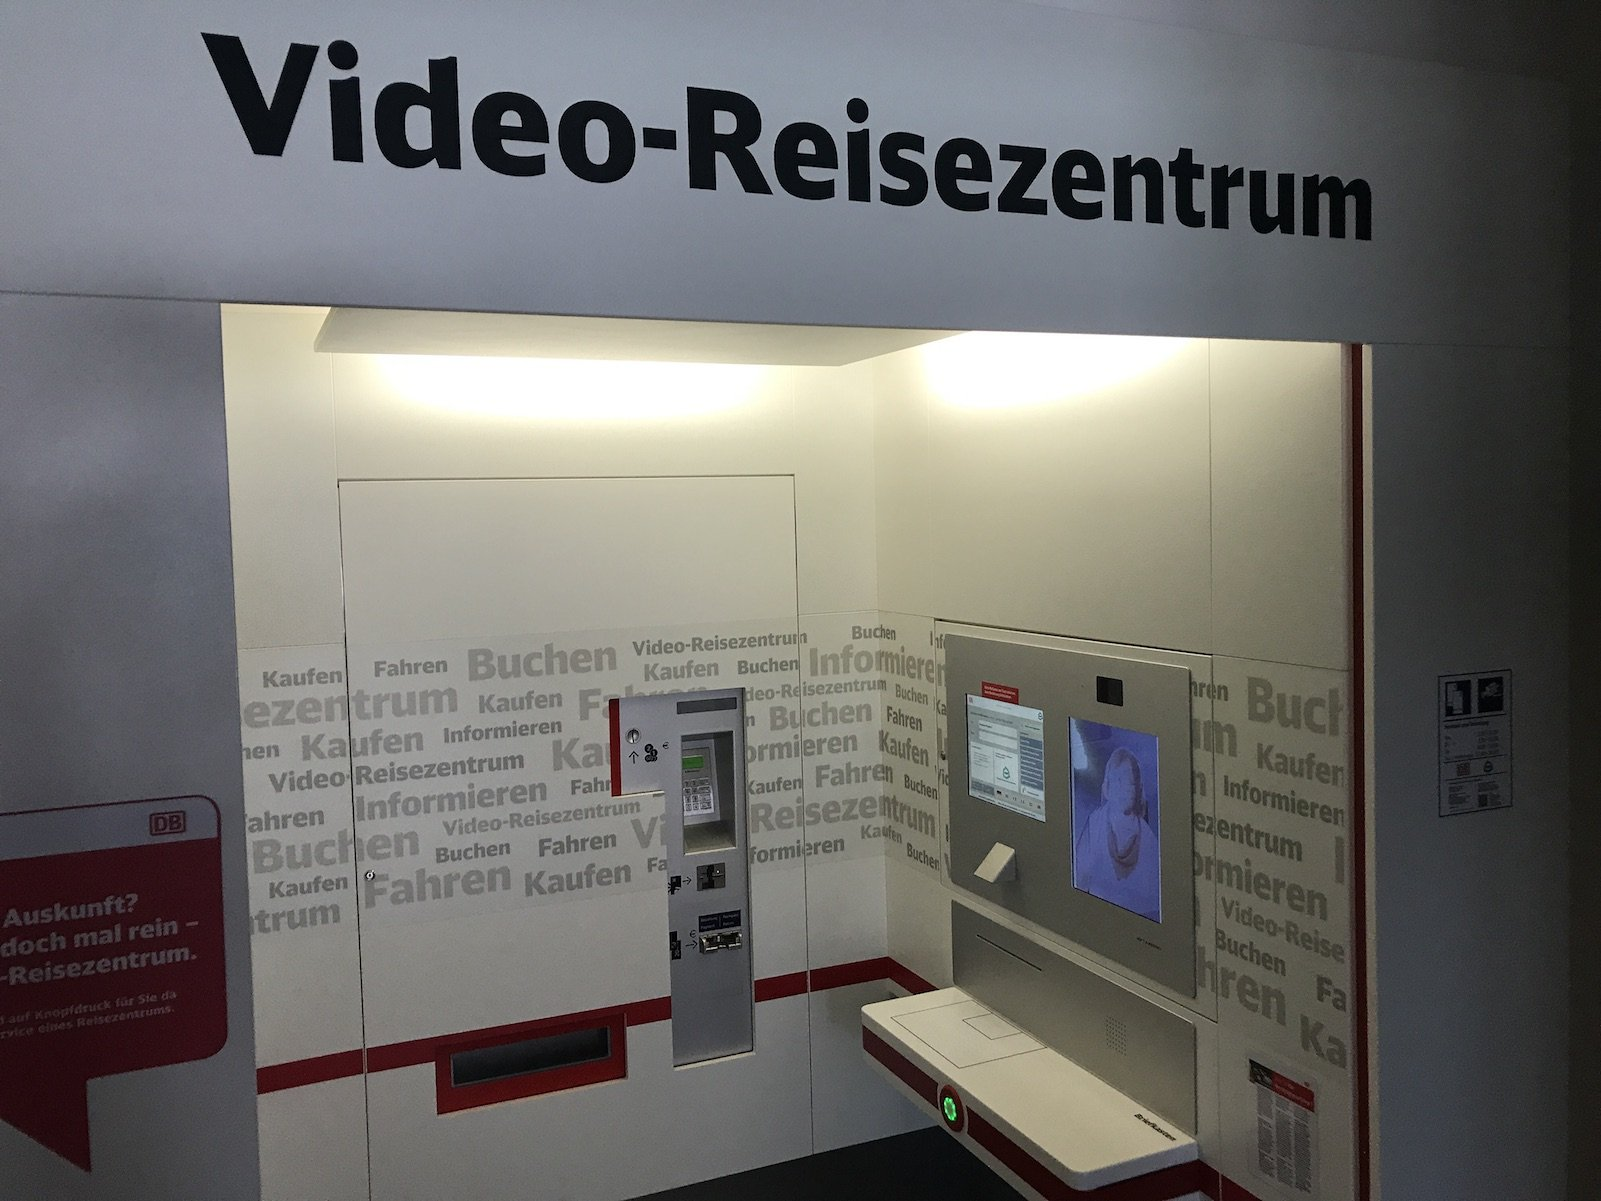 Video-Reisezentrum der Bahn in Neuhaus an der Pegnitz